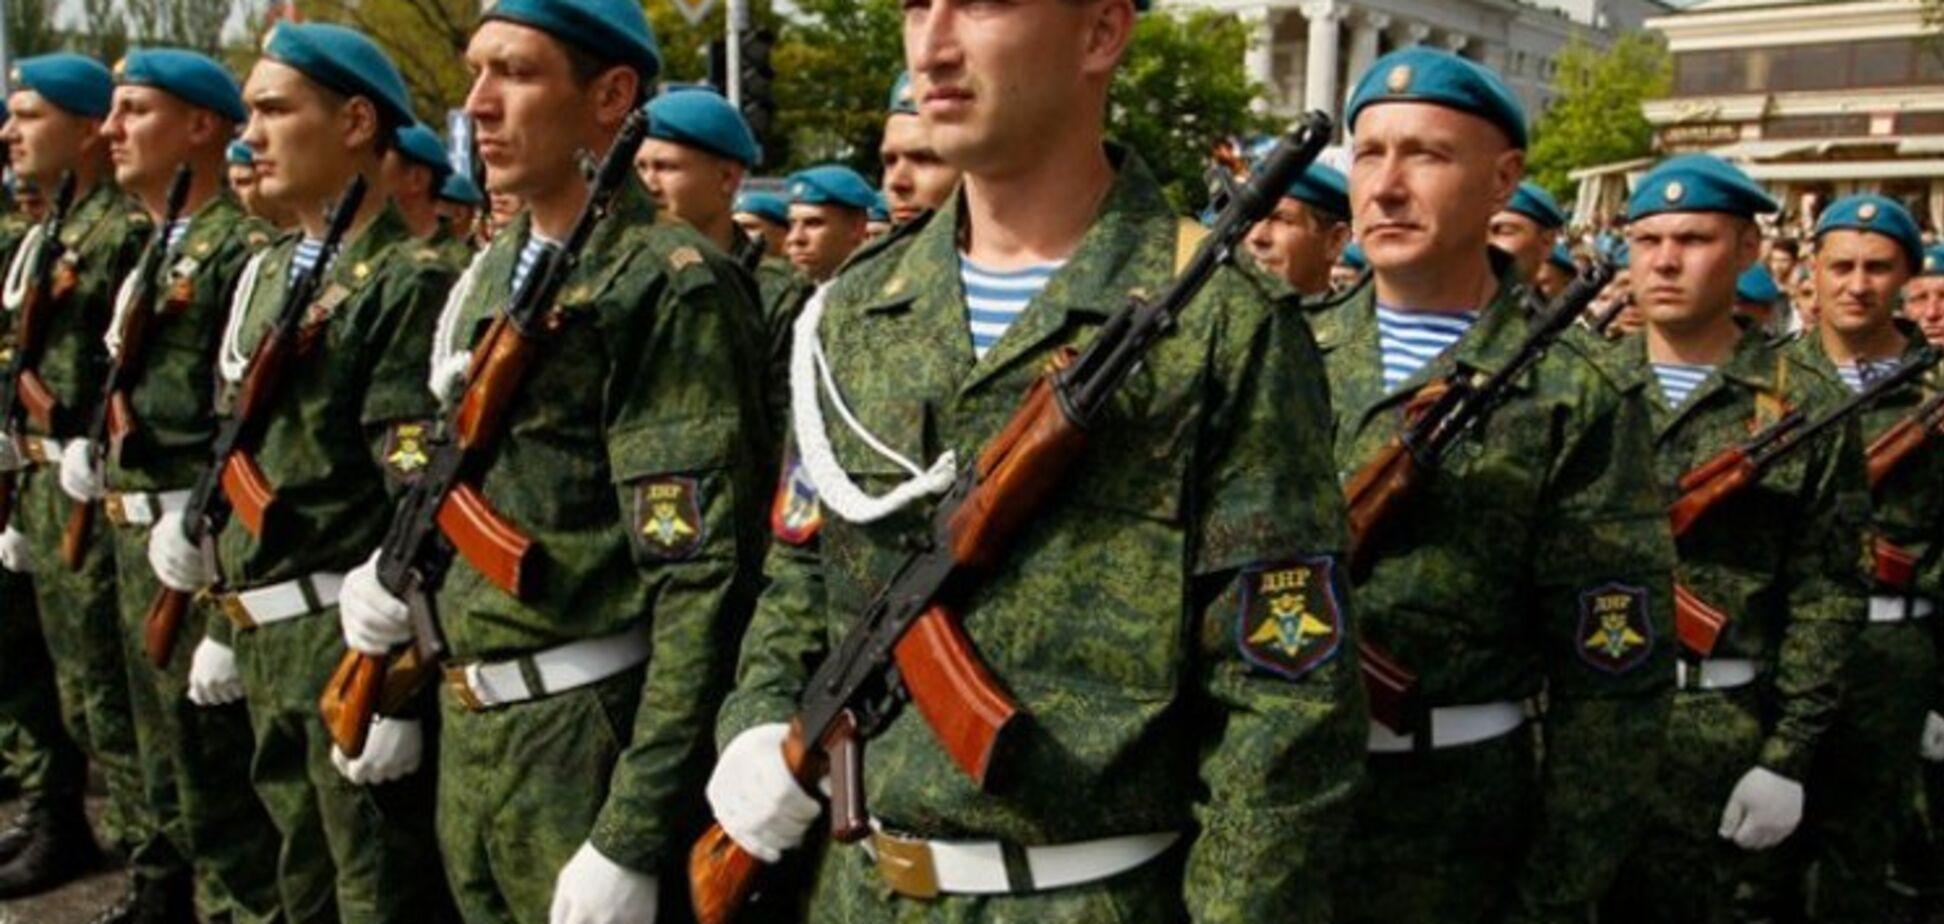 У Путіна вже є 'миротворці' на Донбасі: Жданов попередив про загрозу